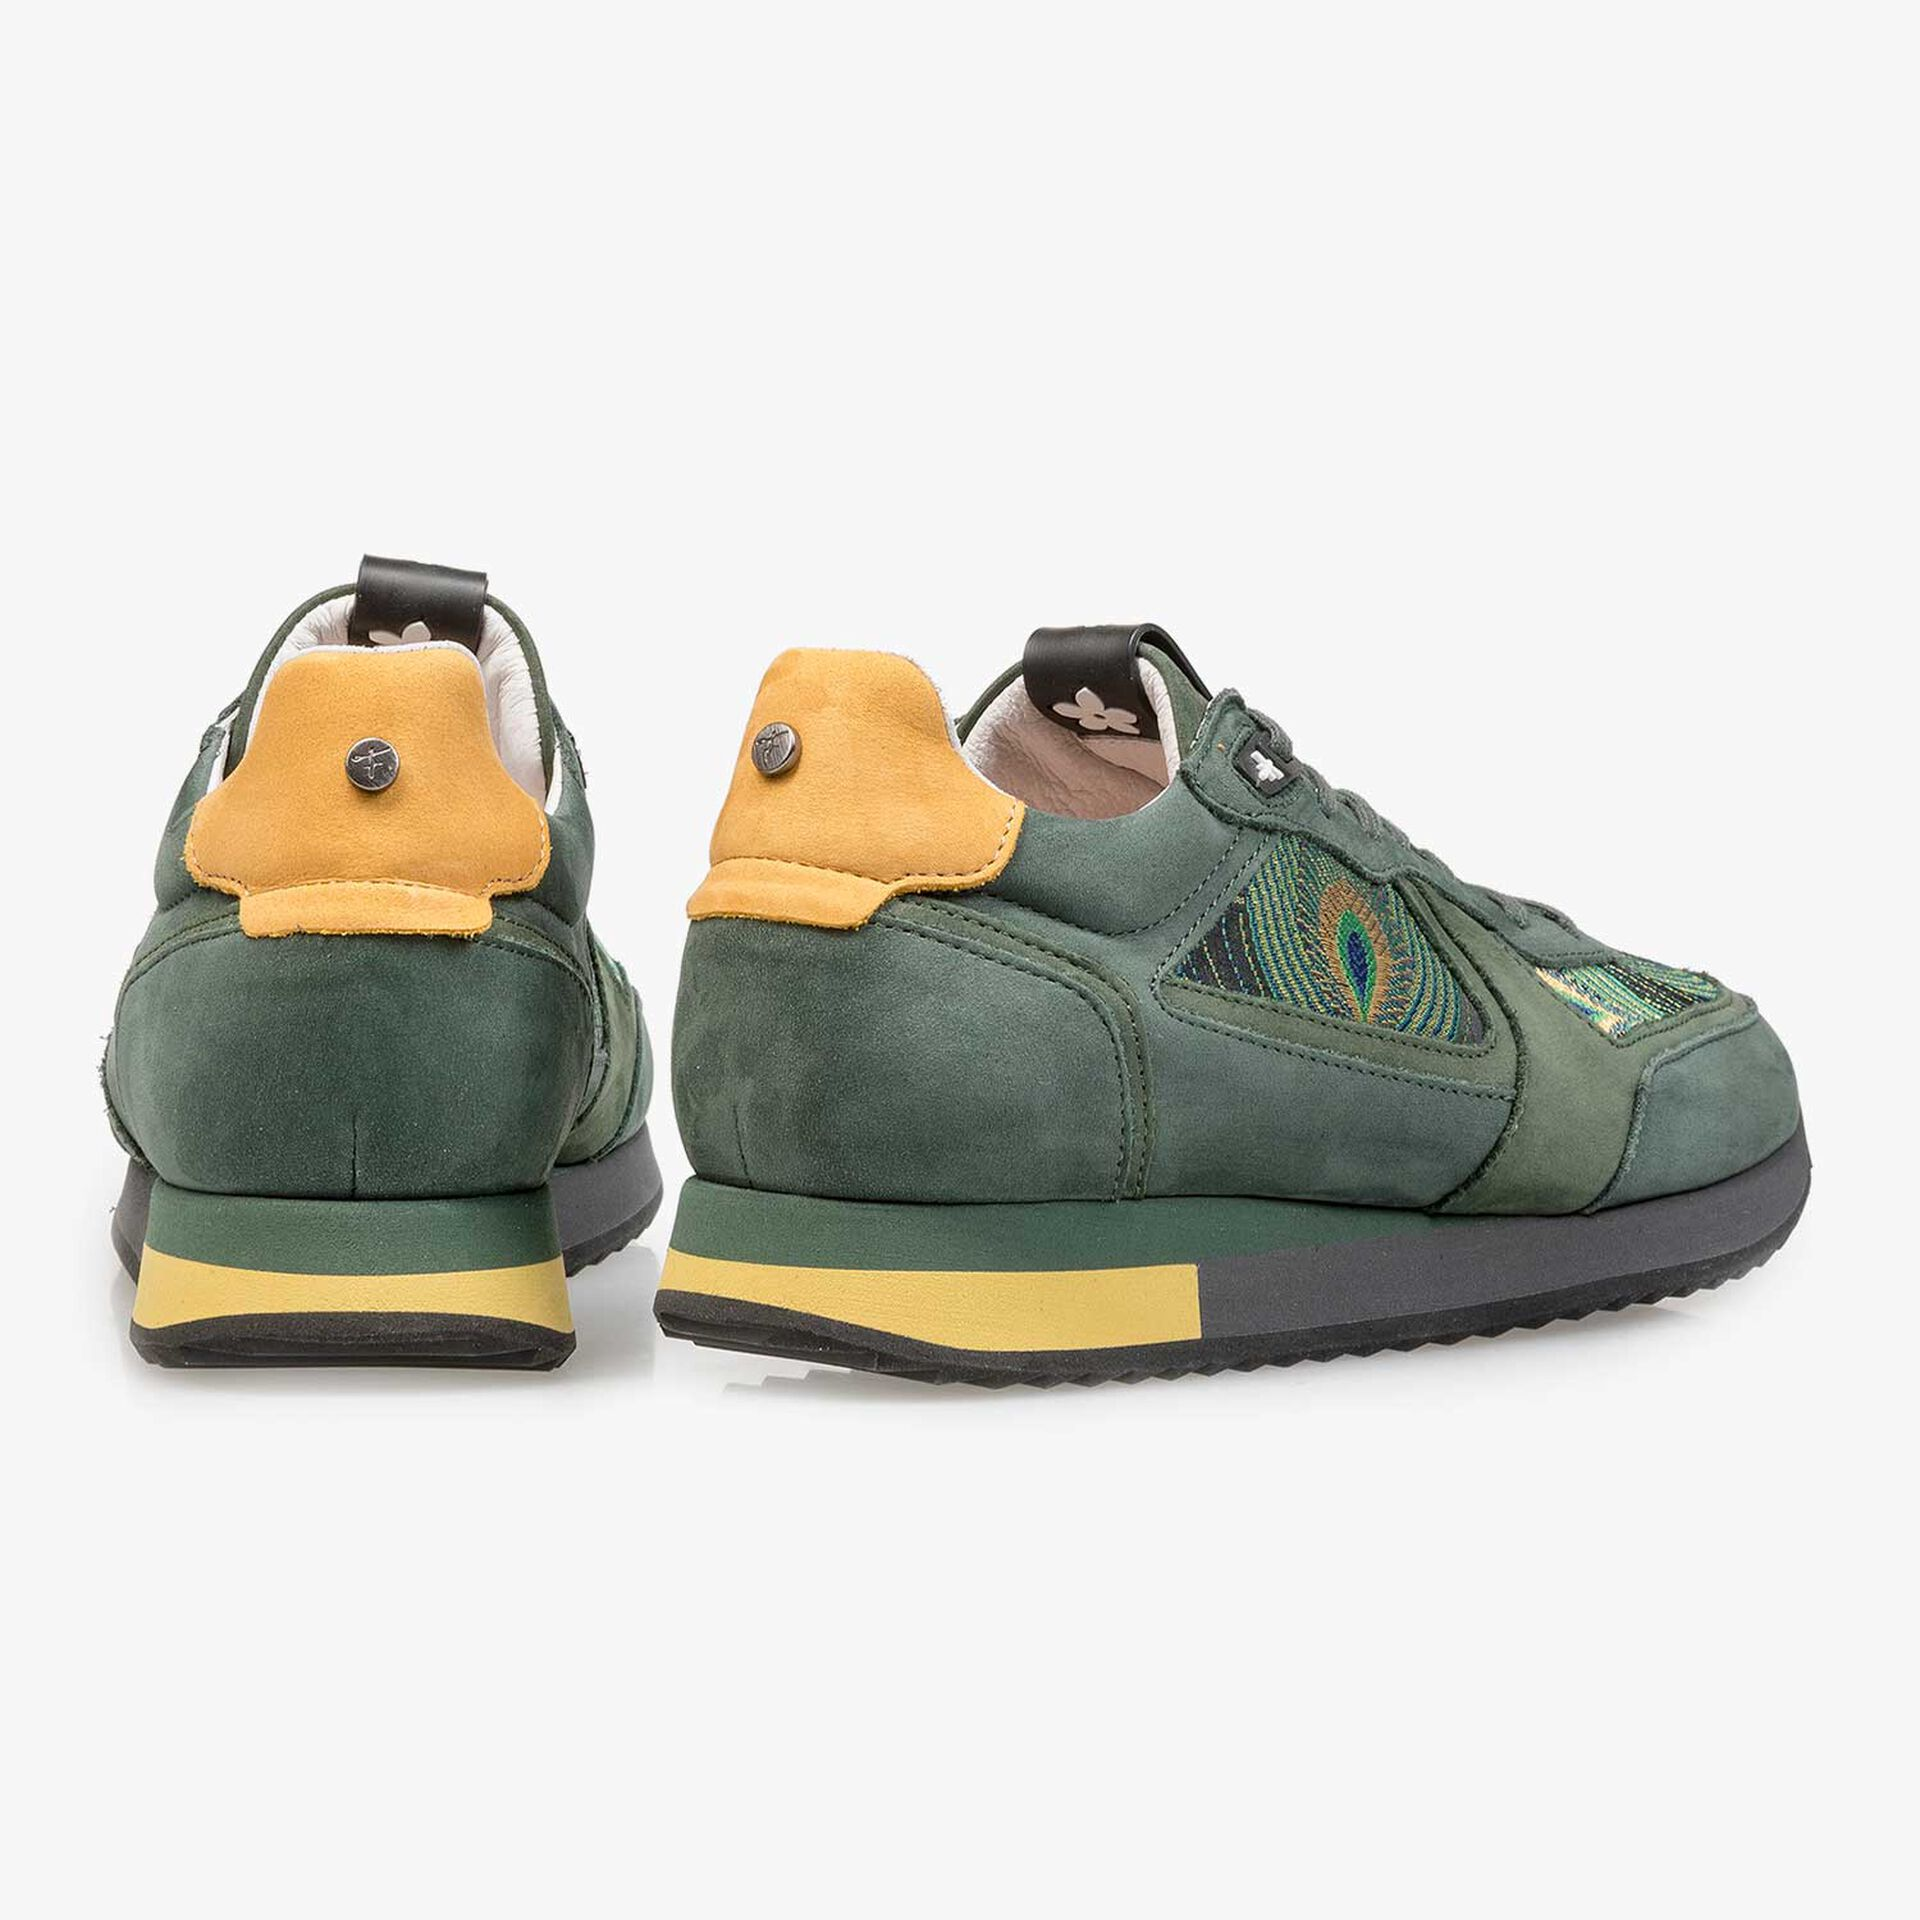 Nubuckleren sneaker met pauwenprint